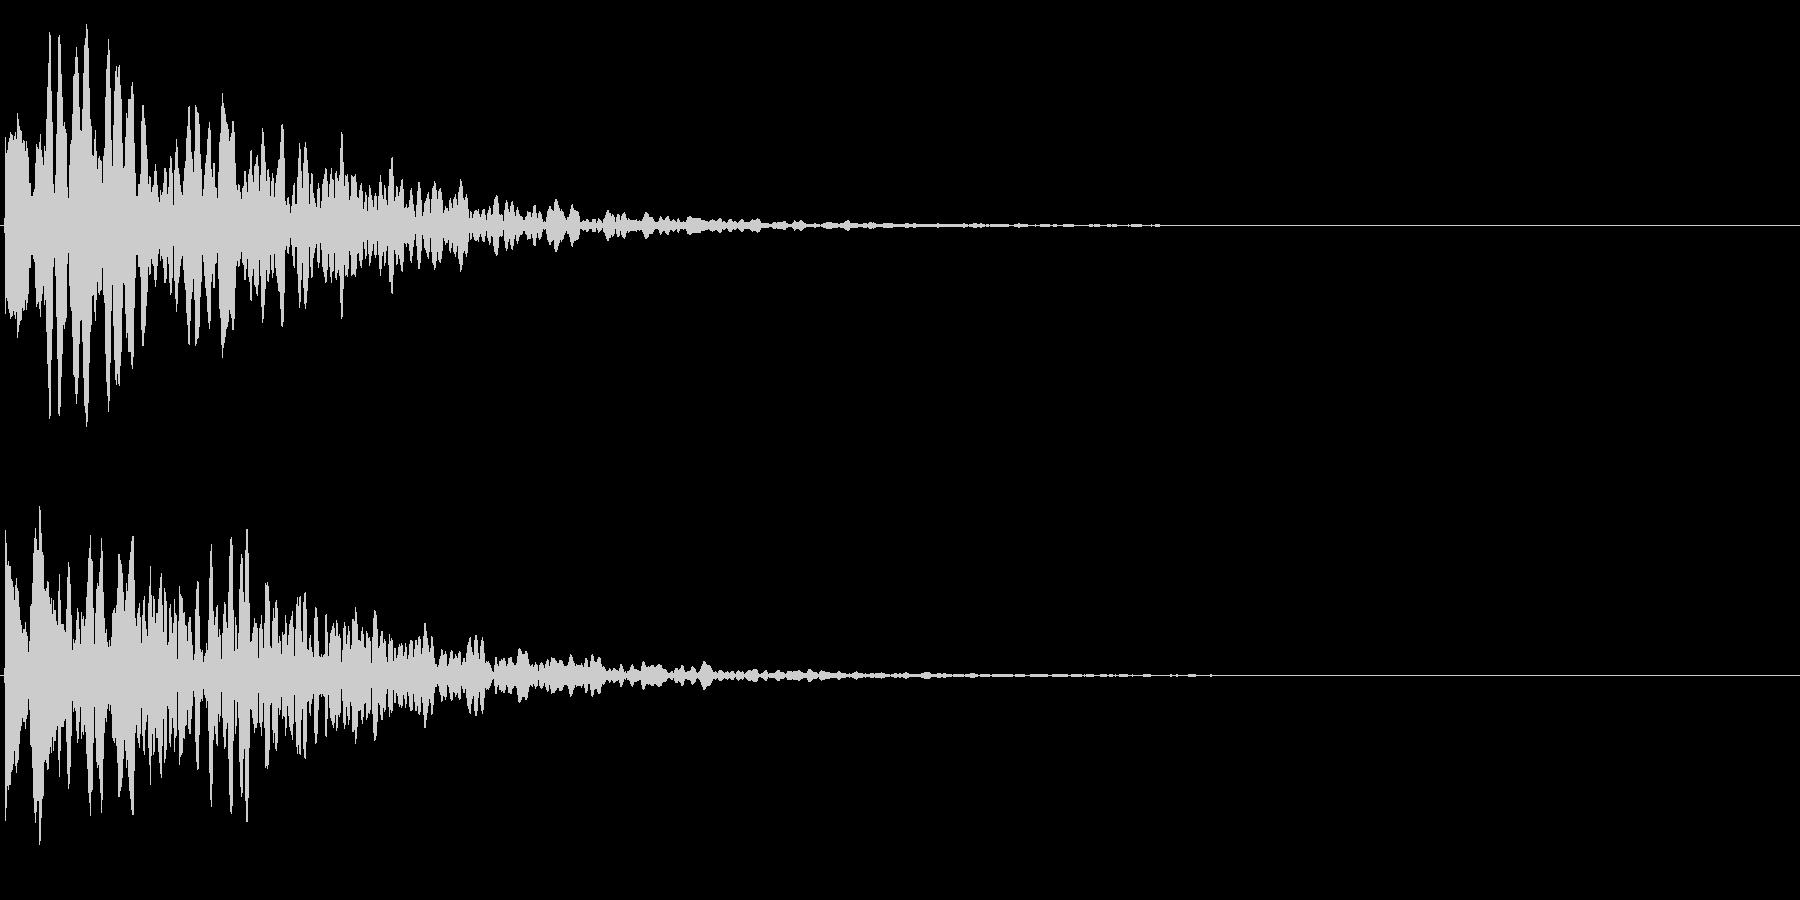 ゲームスタート、決定、ボタン音-125の未再生の波形